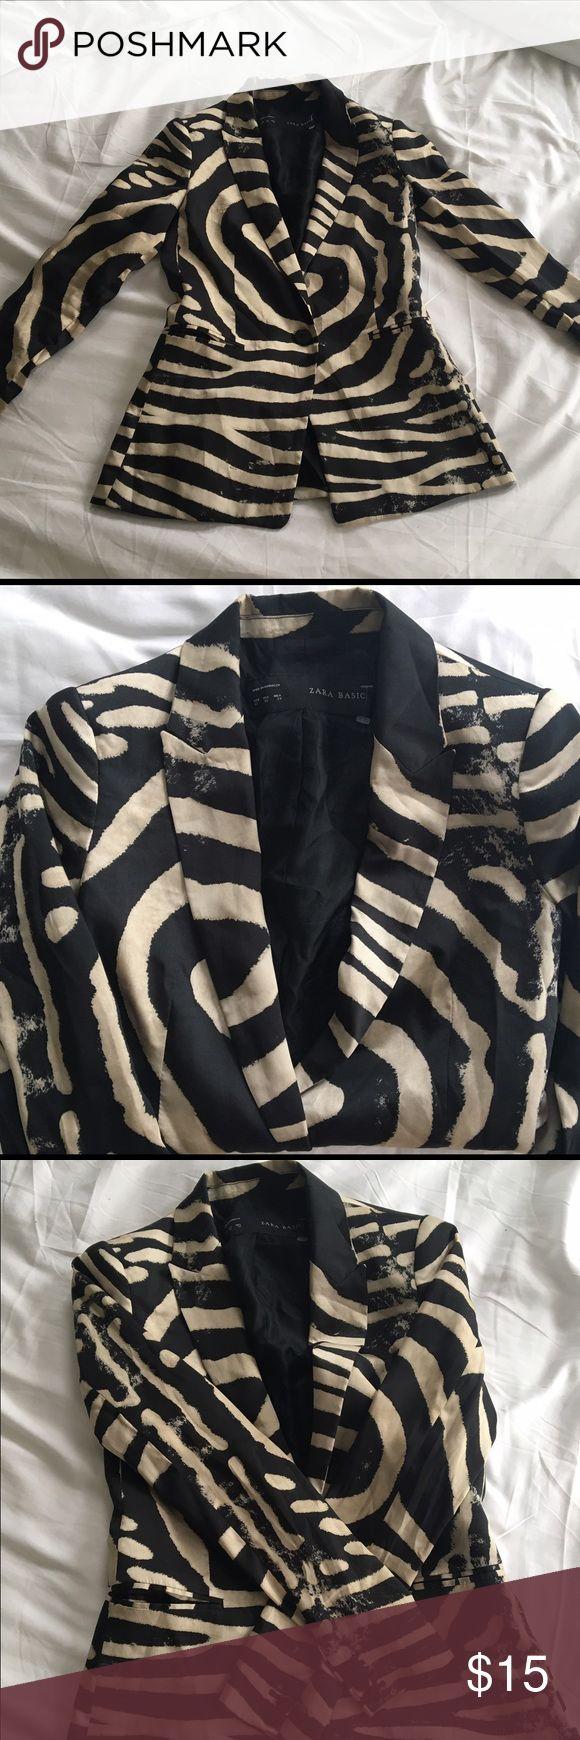 Zara zebra print blazer Super stylish zebra print blazer. Fits snug Zara Jackets & Coats Blazers